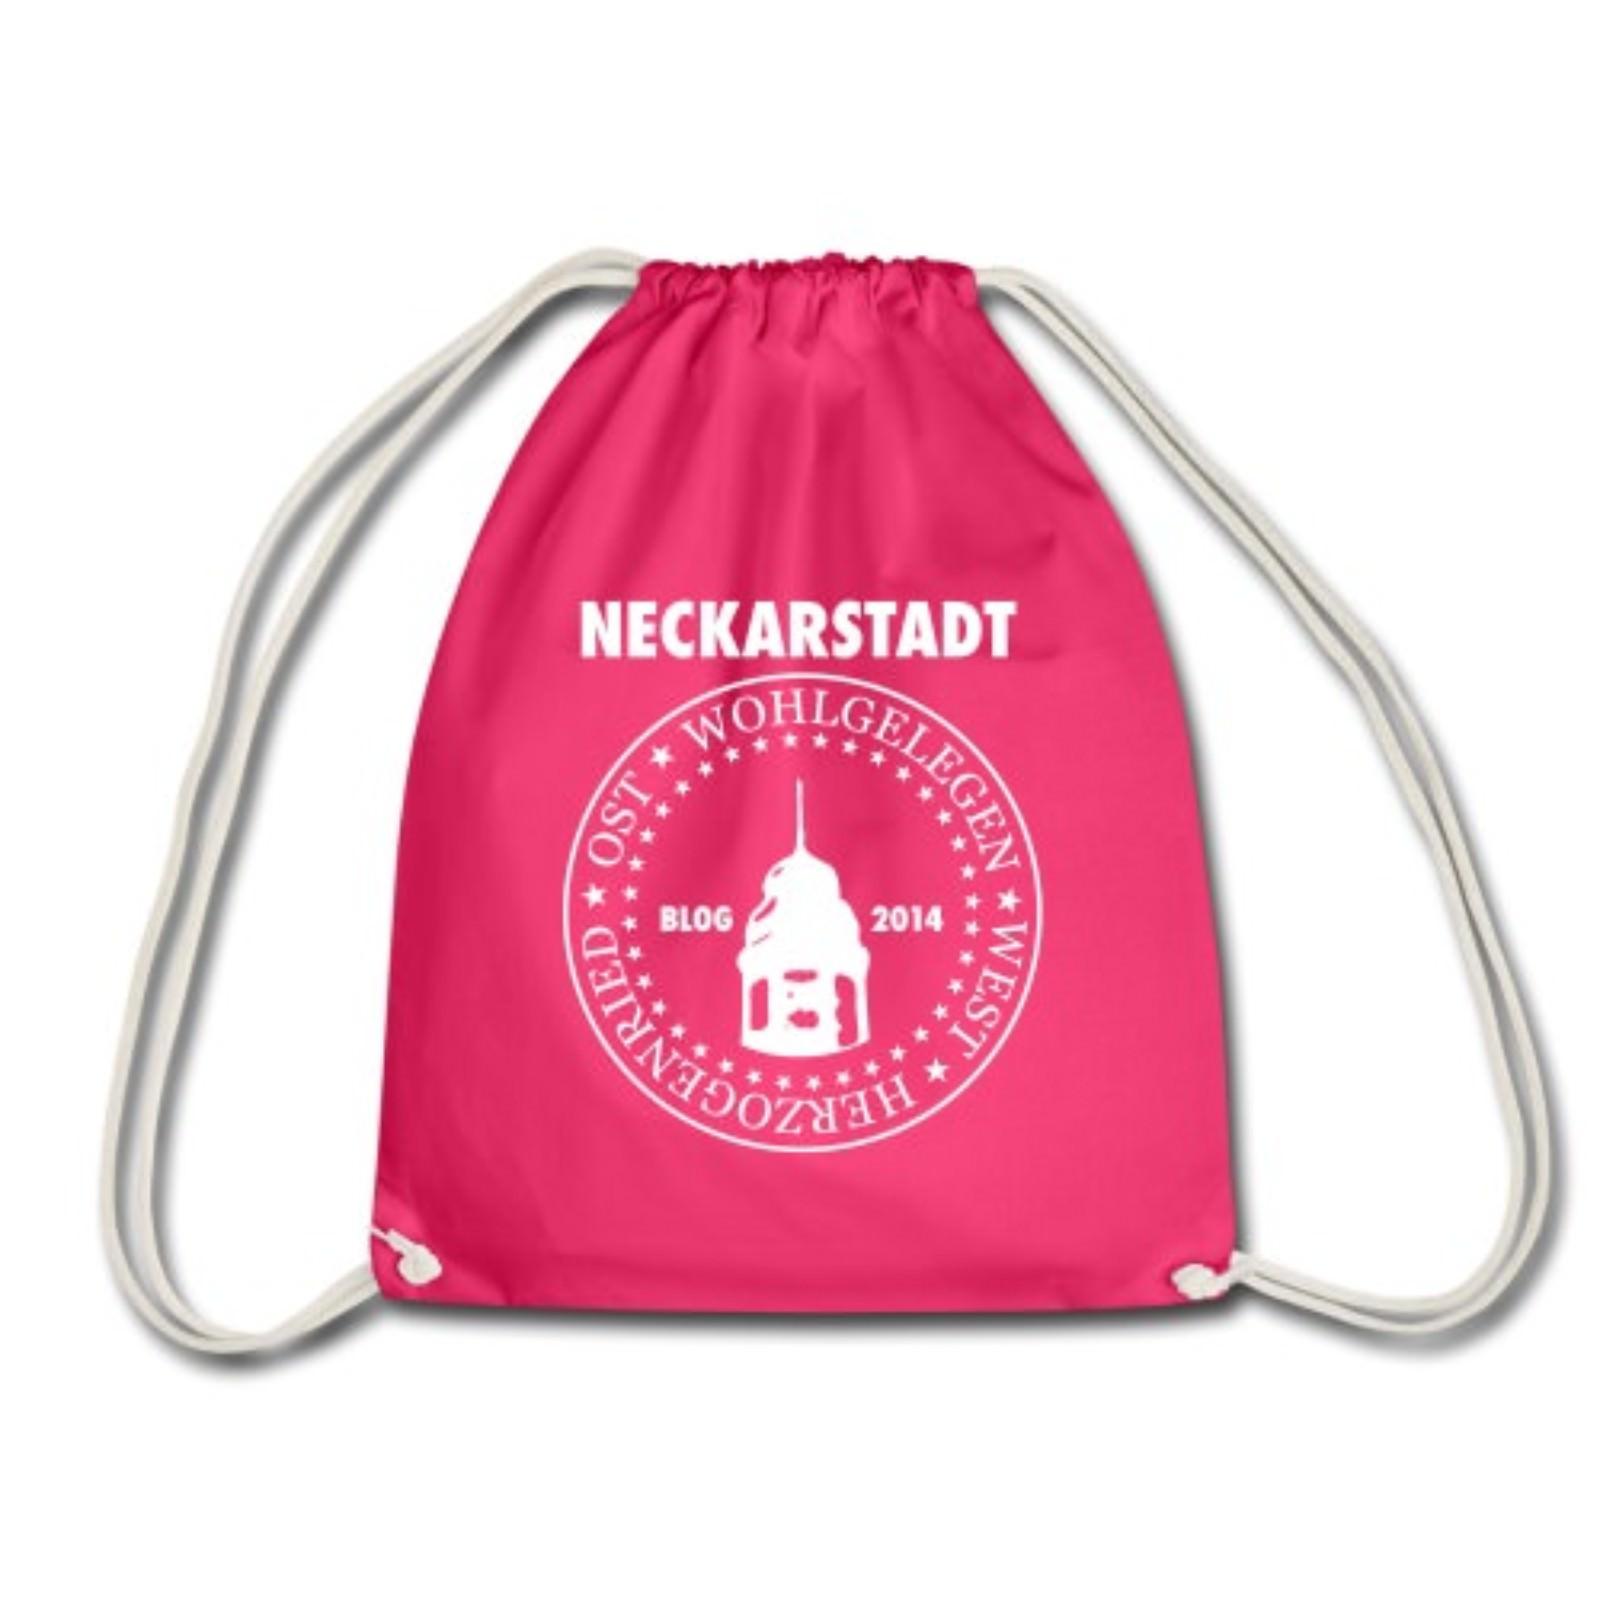 neckarstadt-blog-seit-2014-turnbeutel